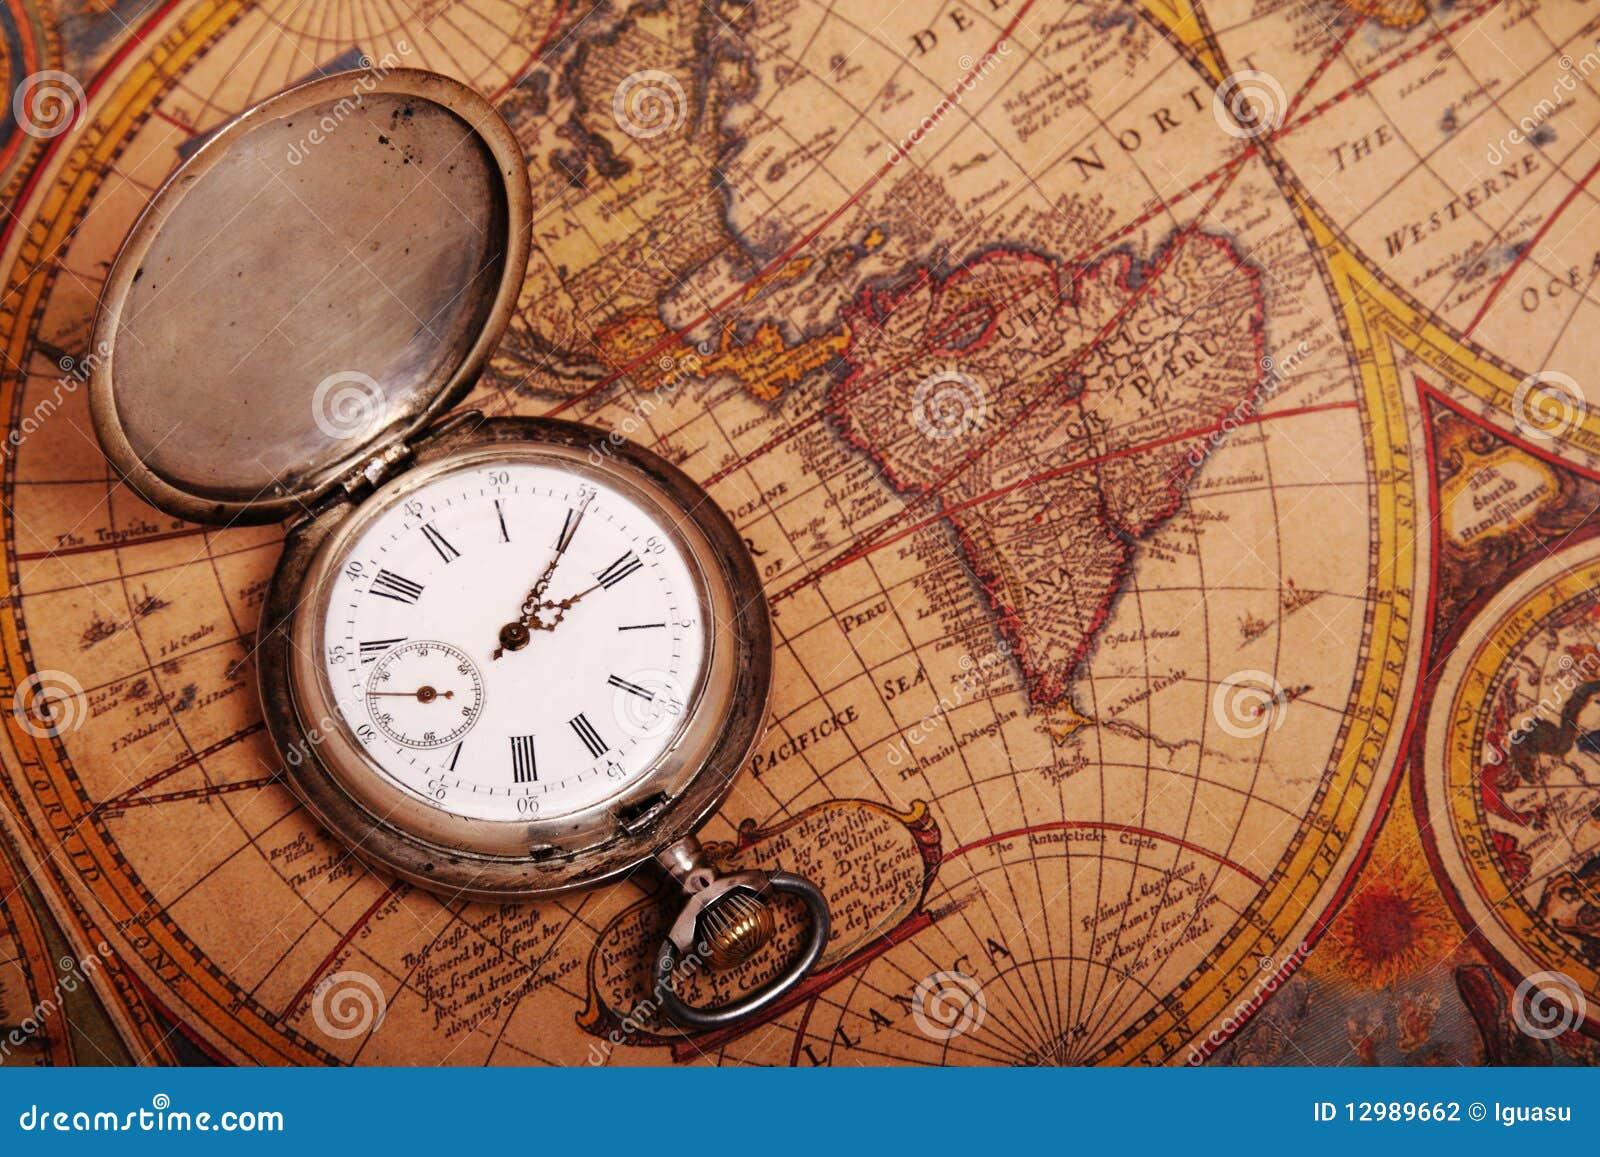 Antike taschenuhr  Taschenuhr Auf Antiker Karte Stockfotografie - Bild: 12989662